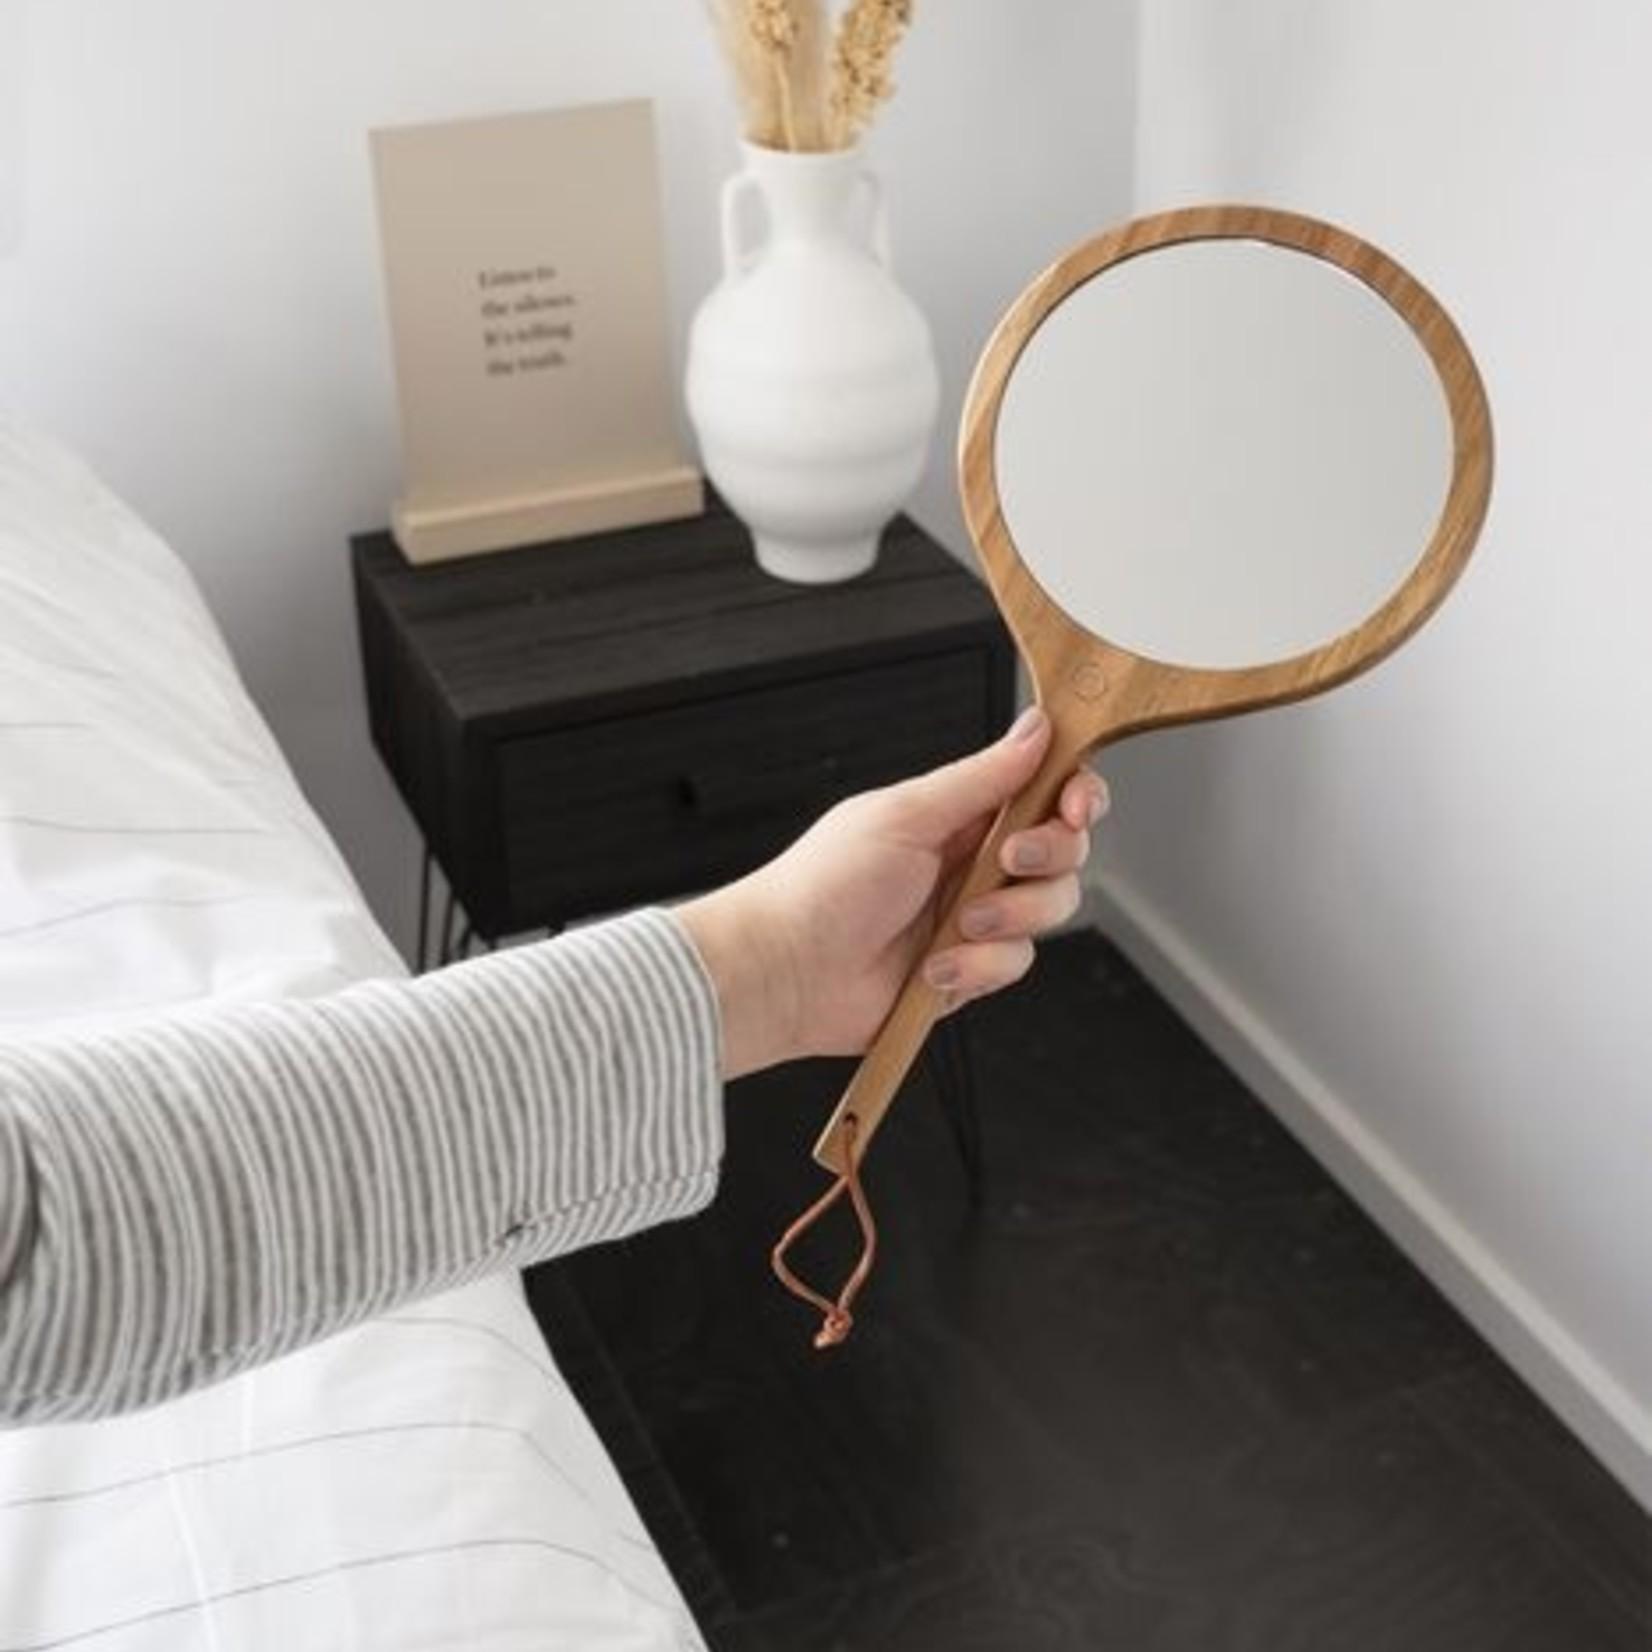 Zusss Handspiegel - Hout - Ø17x35cm